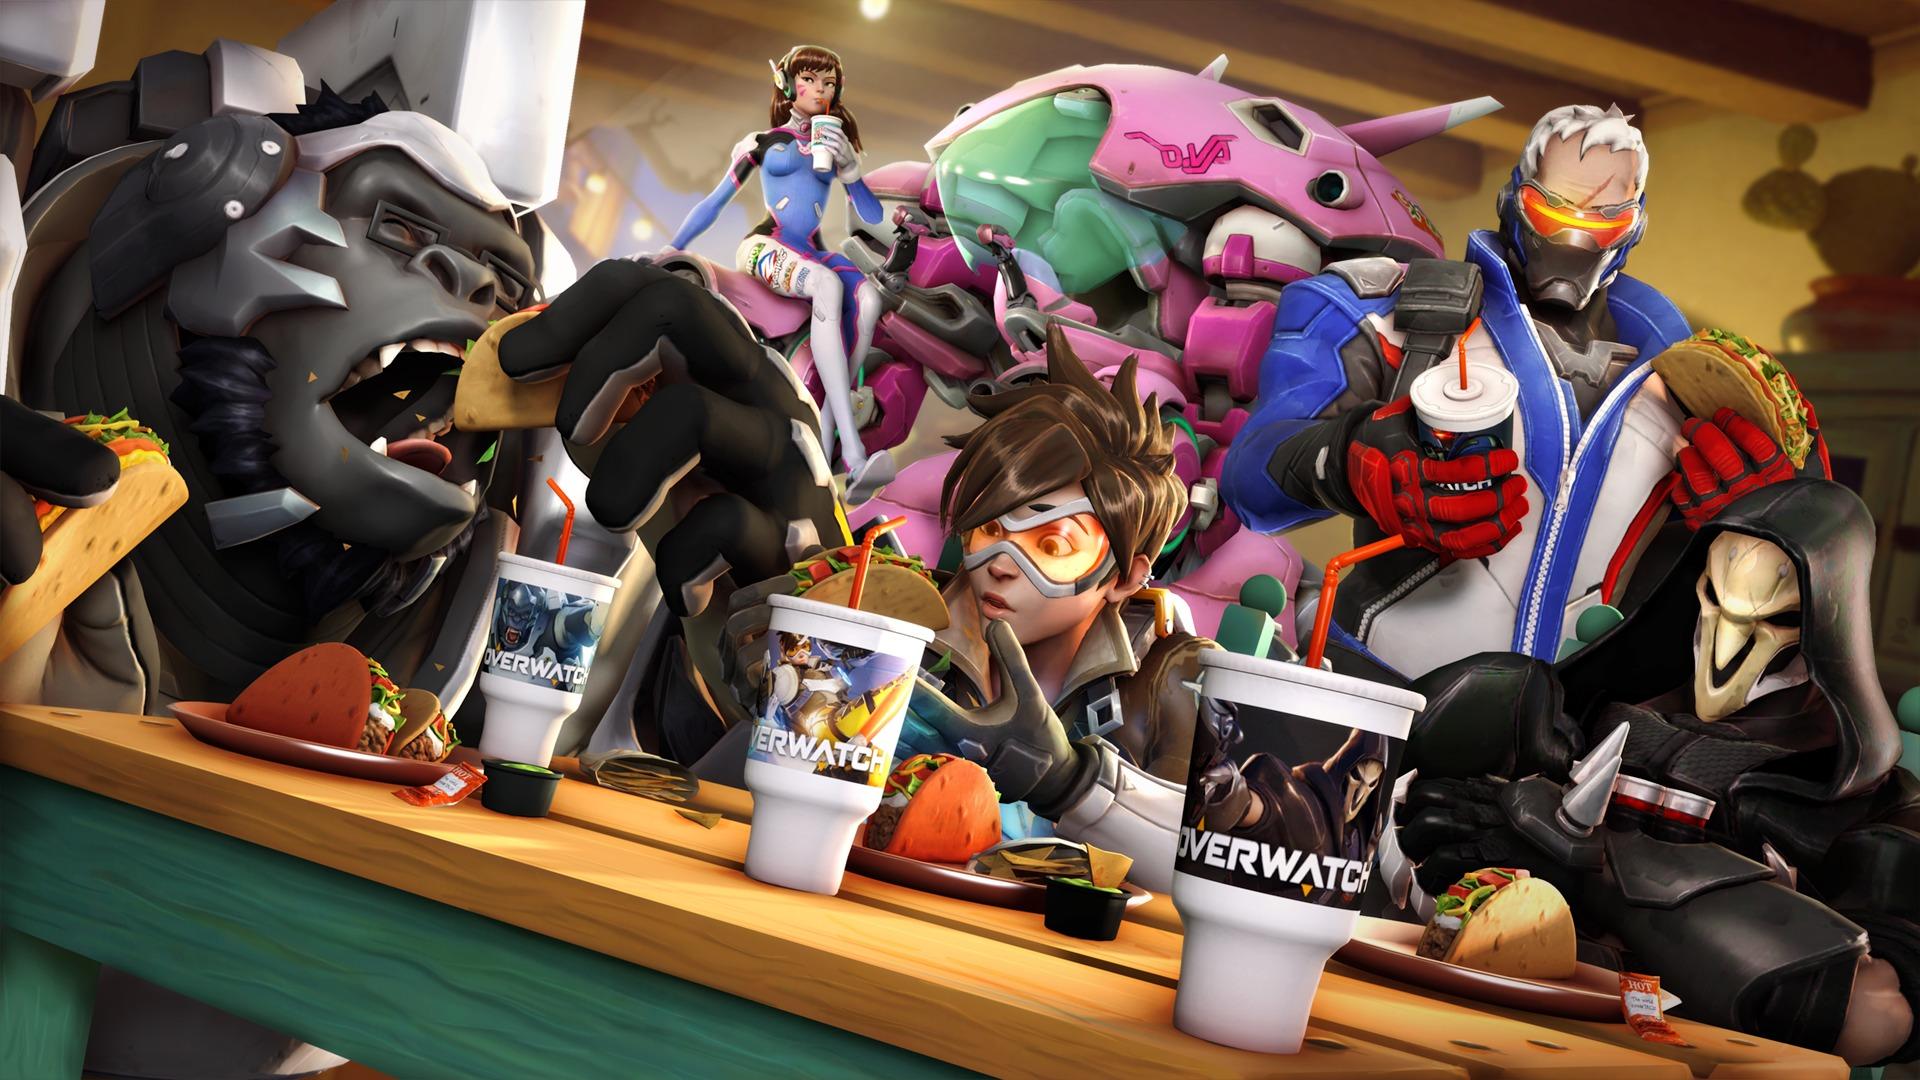 Overwatch: Tracer, D.Va, Reaper, Winston, Soldier: 76